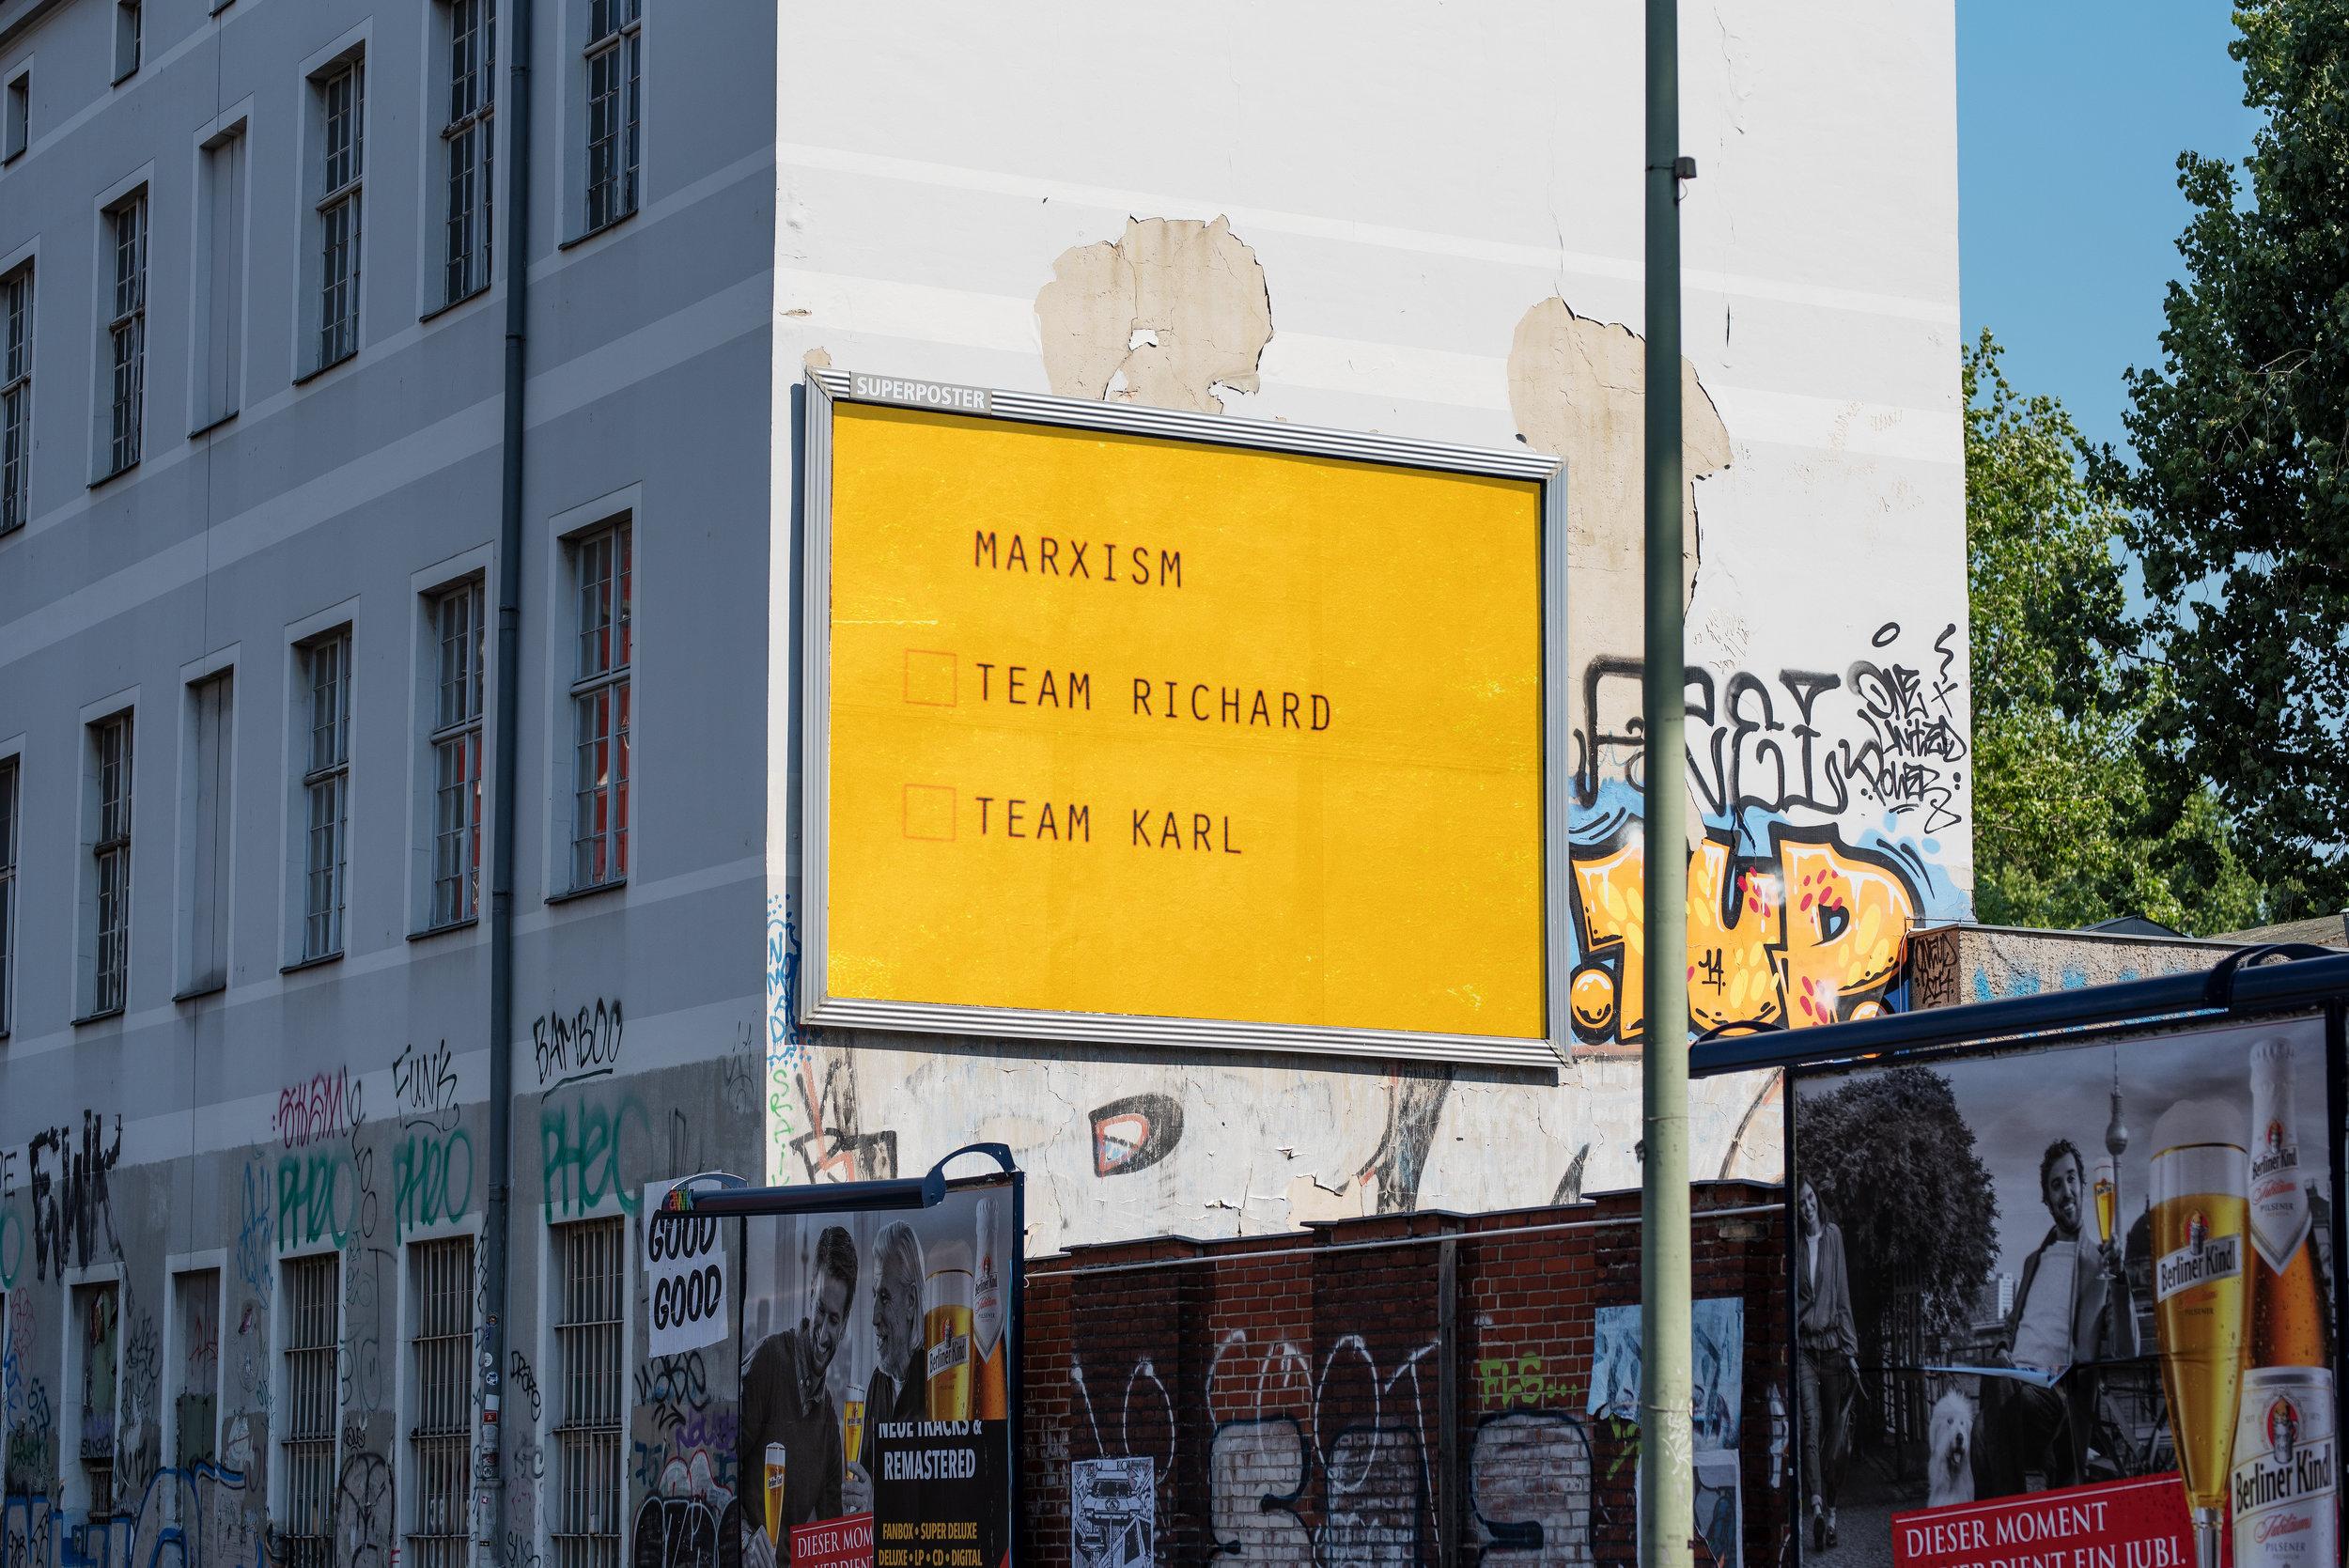 1_Pop_Marxist_Redux_237_billboard_urban_poster_mockup.jpg